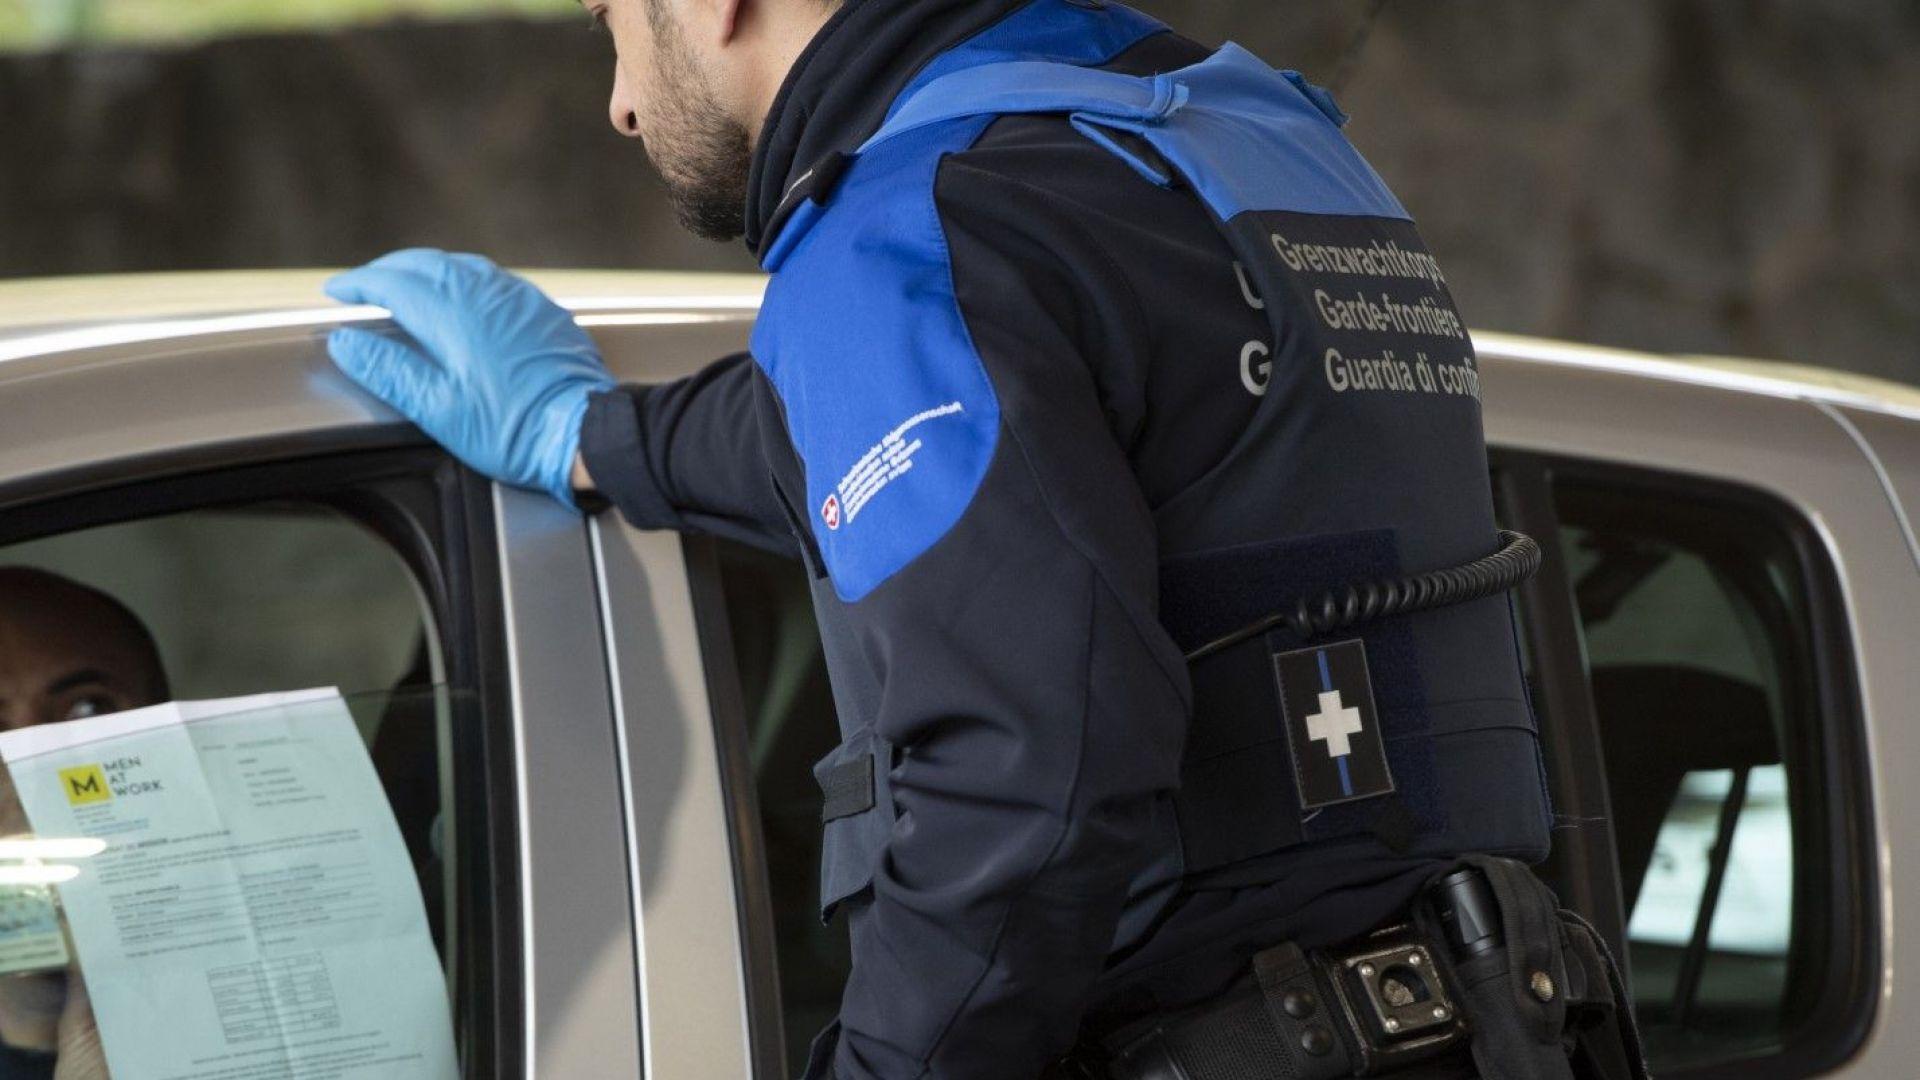 Със SMS-и Швейцария мобилизира в армията 8000 души - банкери, студенти, юристи